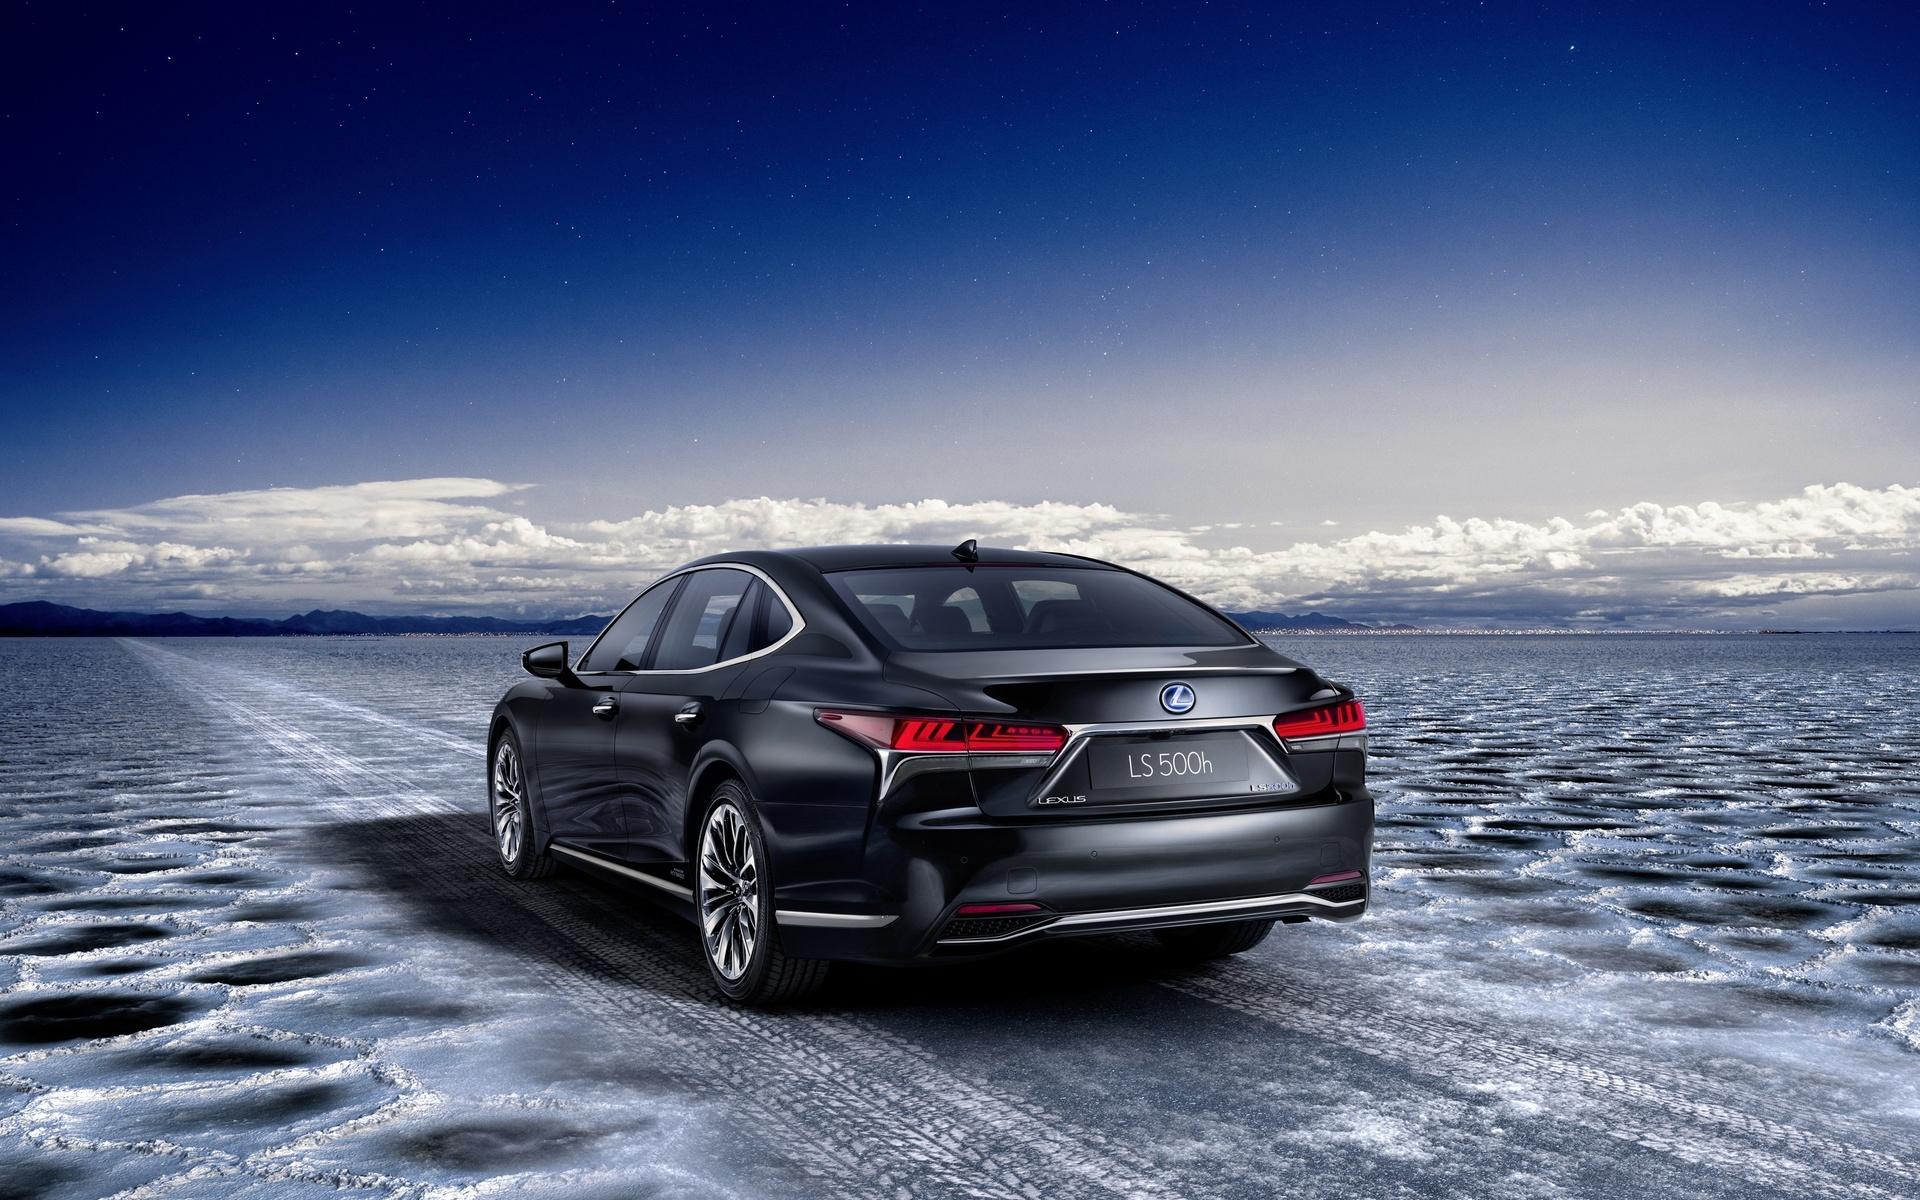 lexus-ls-500h, авто, небо, облака, дорога, лед